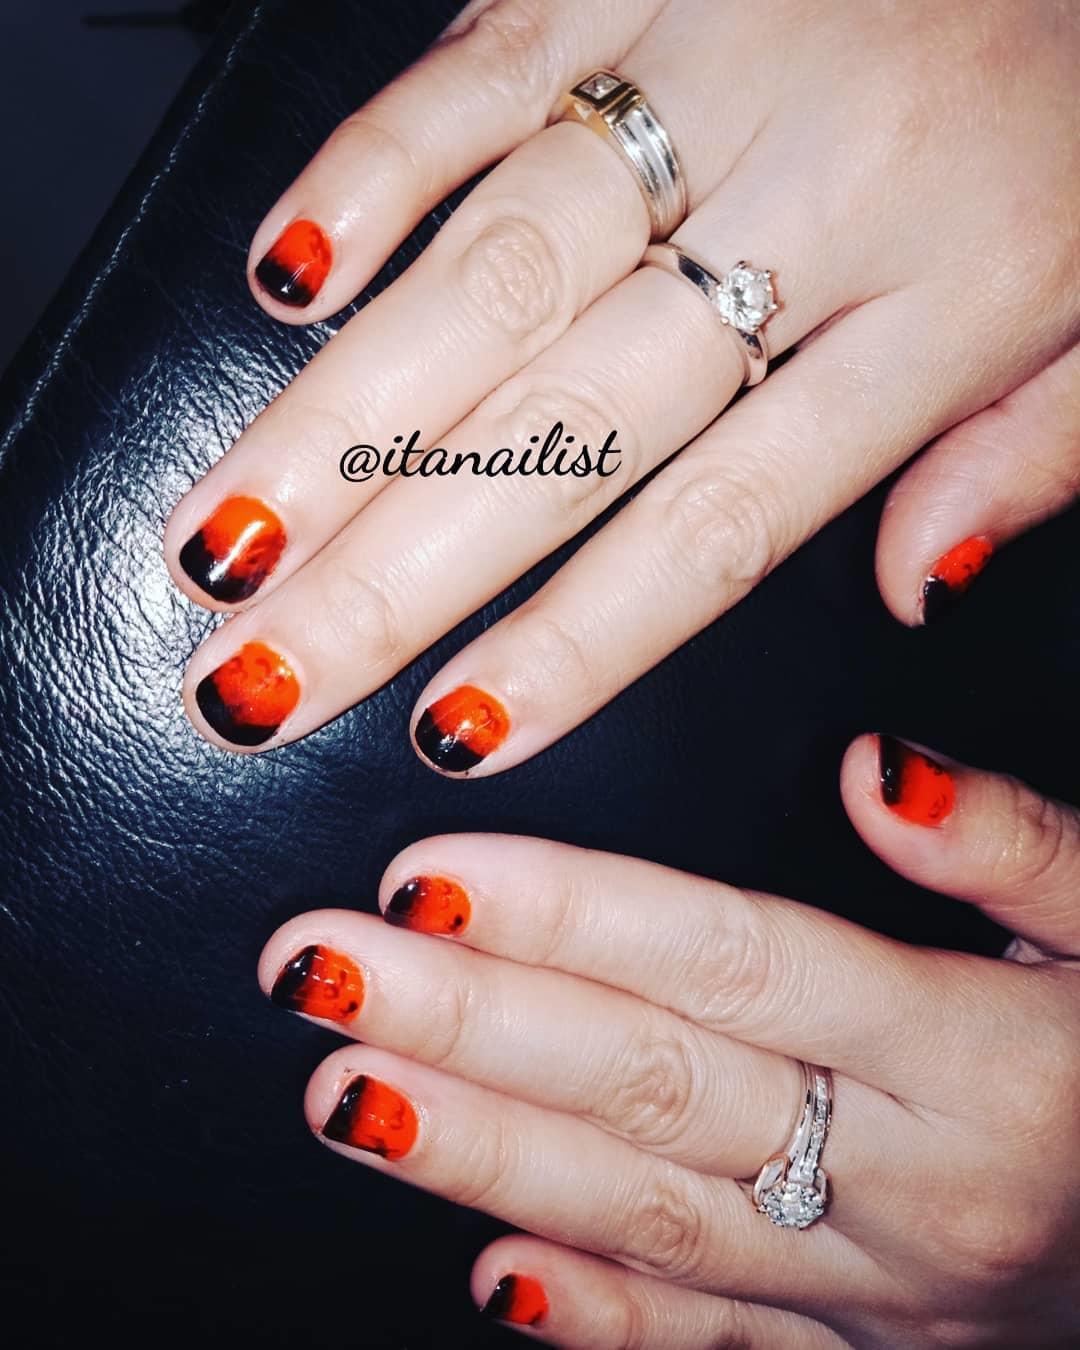 fake nail designs 12 - DIY Easy Fake Nails That Last Three Weeks & Fake Nail Designs